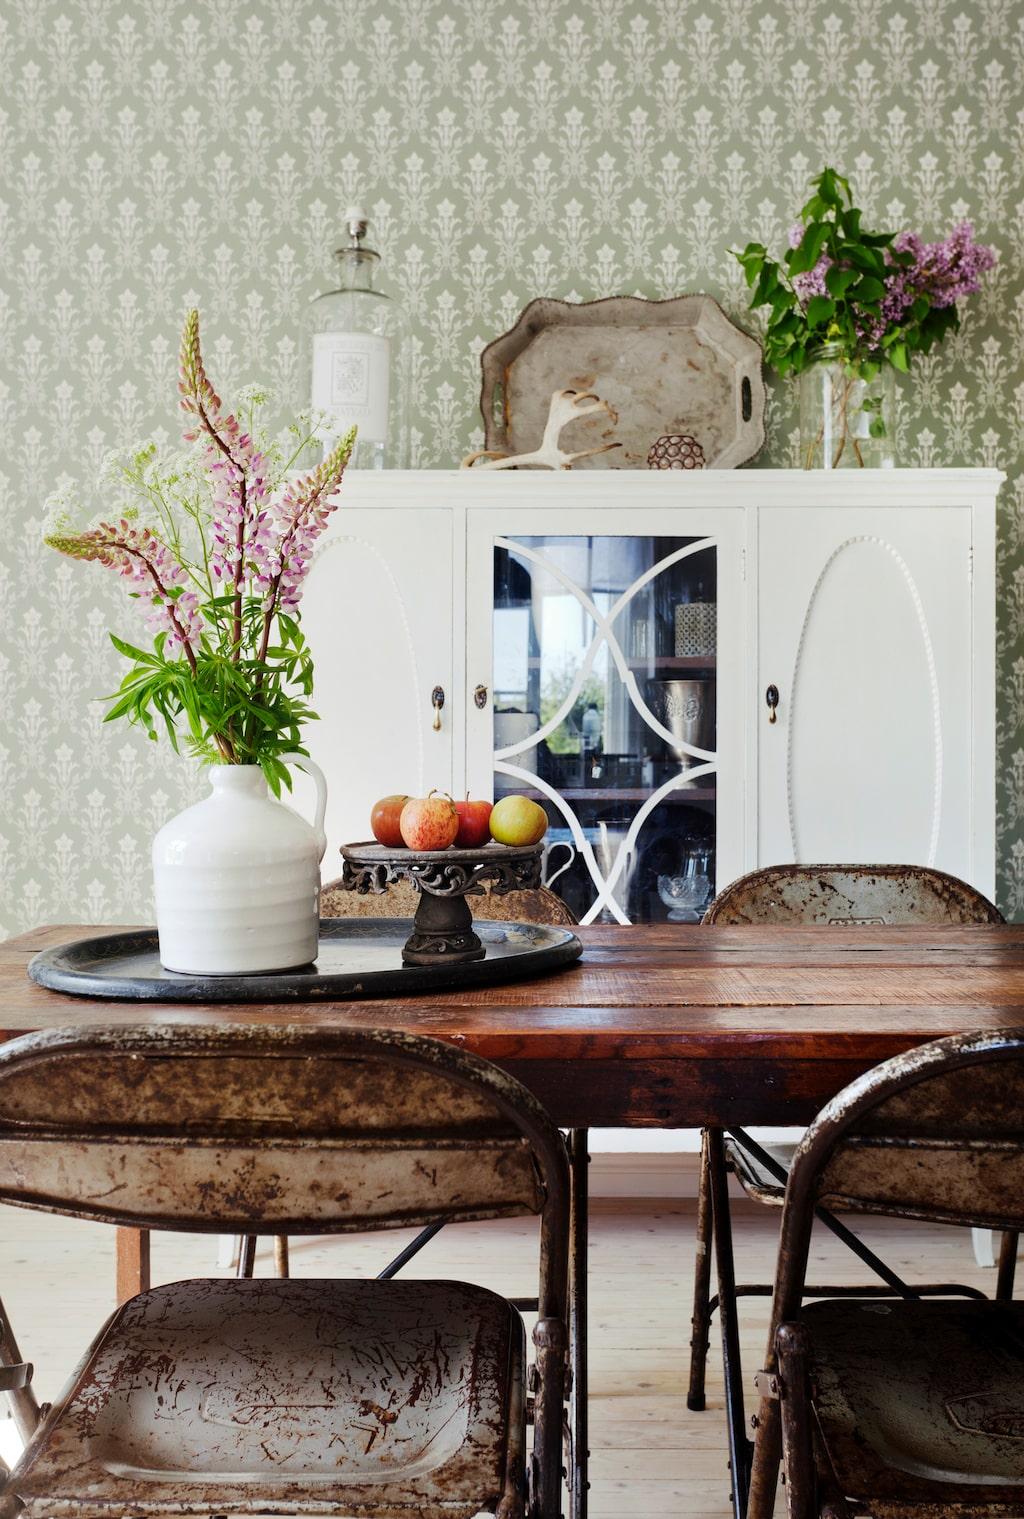 Köksbord och stolar kommer från Huldas, Örebro. Skåpet är inköpt på loppis. Blomvaser och horn kommer från CE inne ute i Örebro. Tapeten kommer från Duro ur kollektionen gammelsvensk. Taklampan kommer från Lamplagret i Örebro.